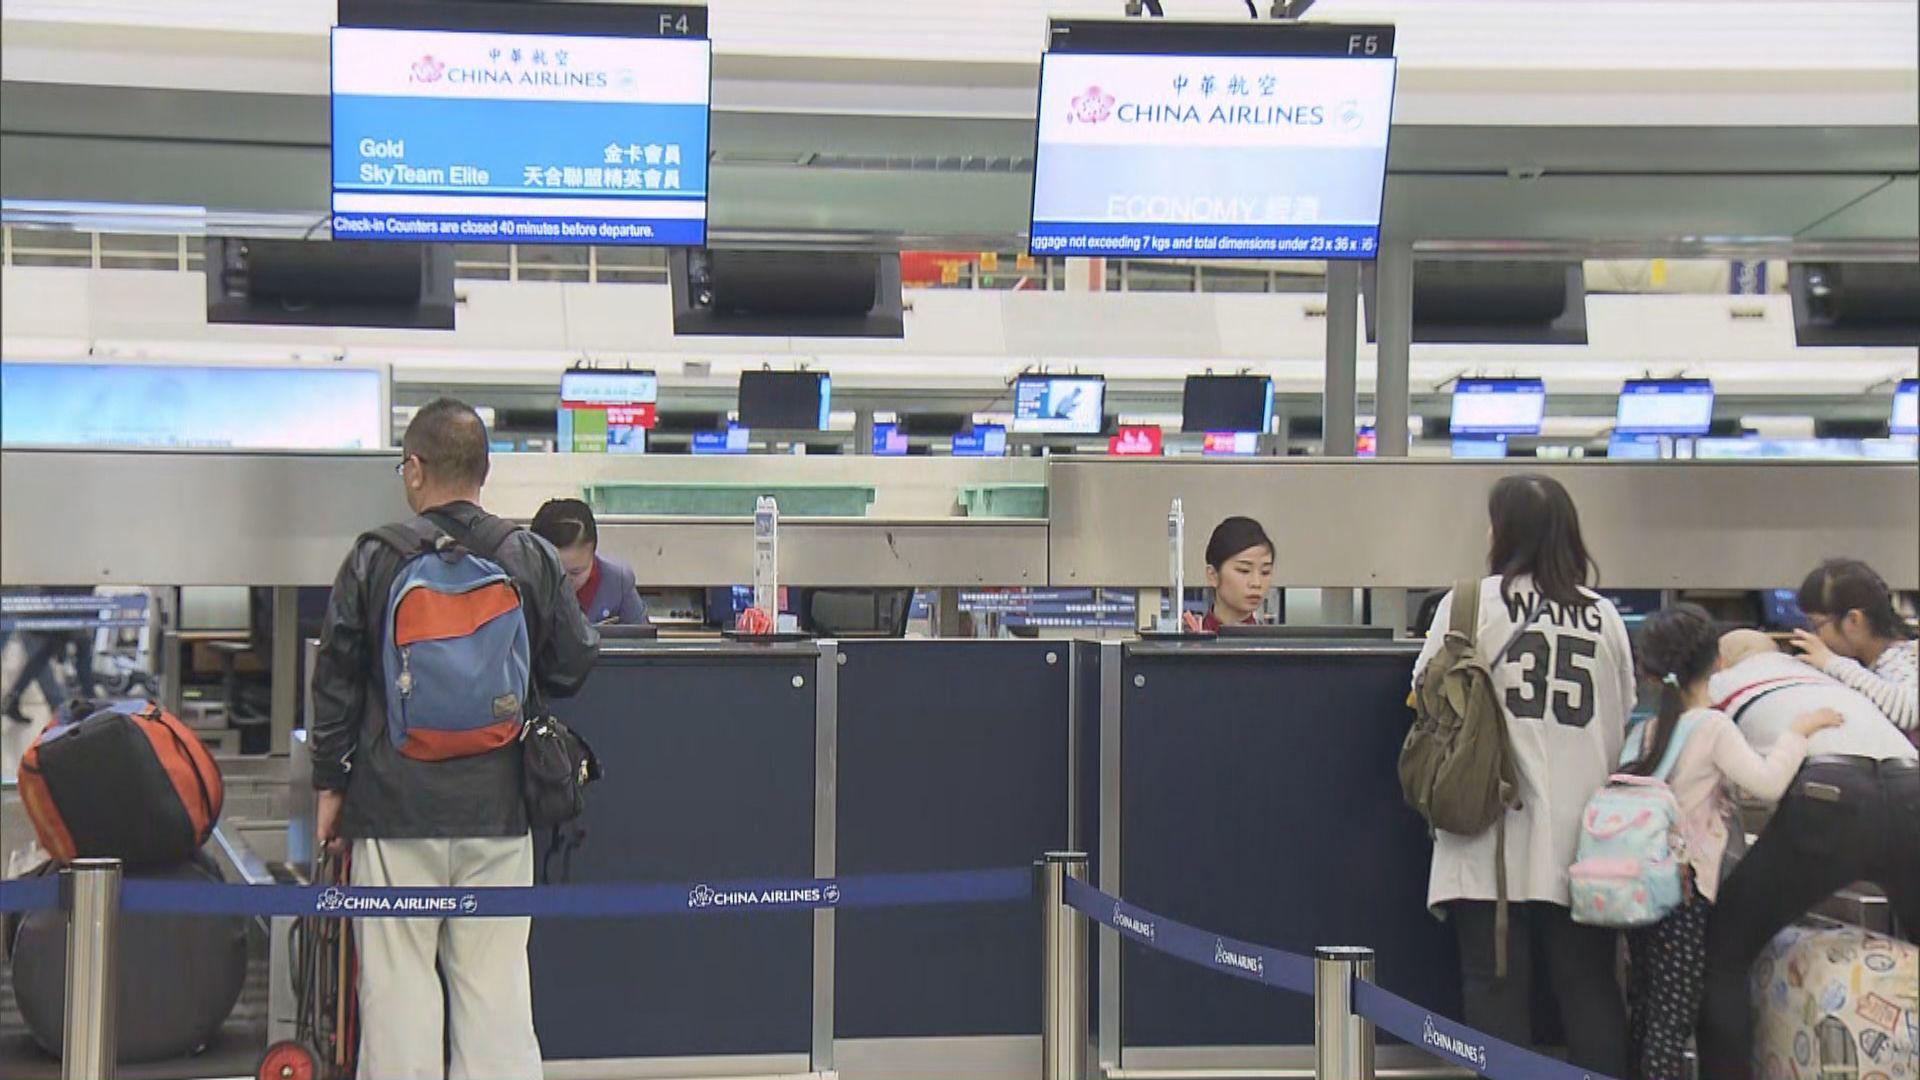 本港部分華航旅客如常出發